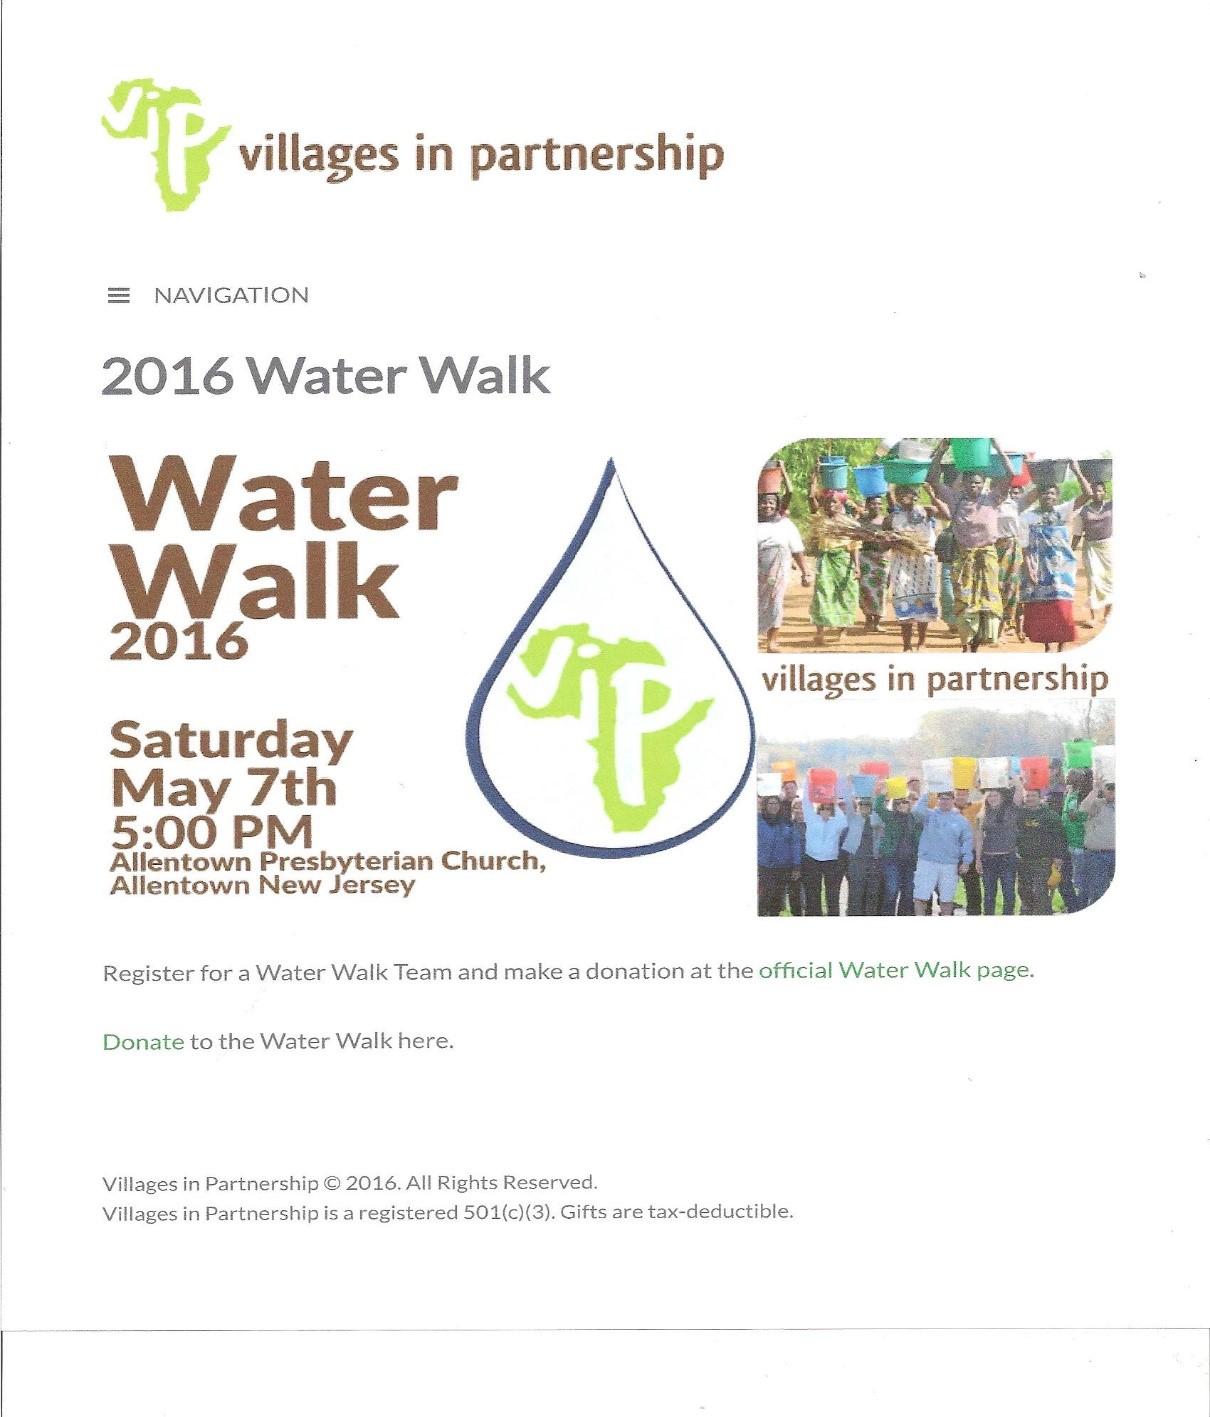 Water Walk 2016